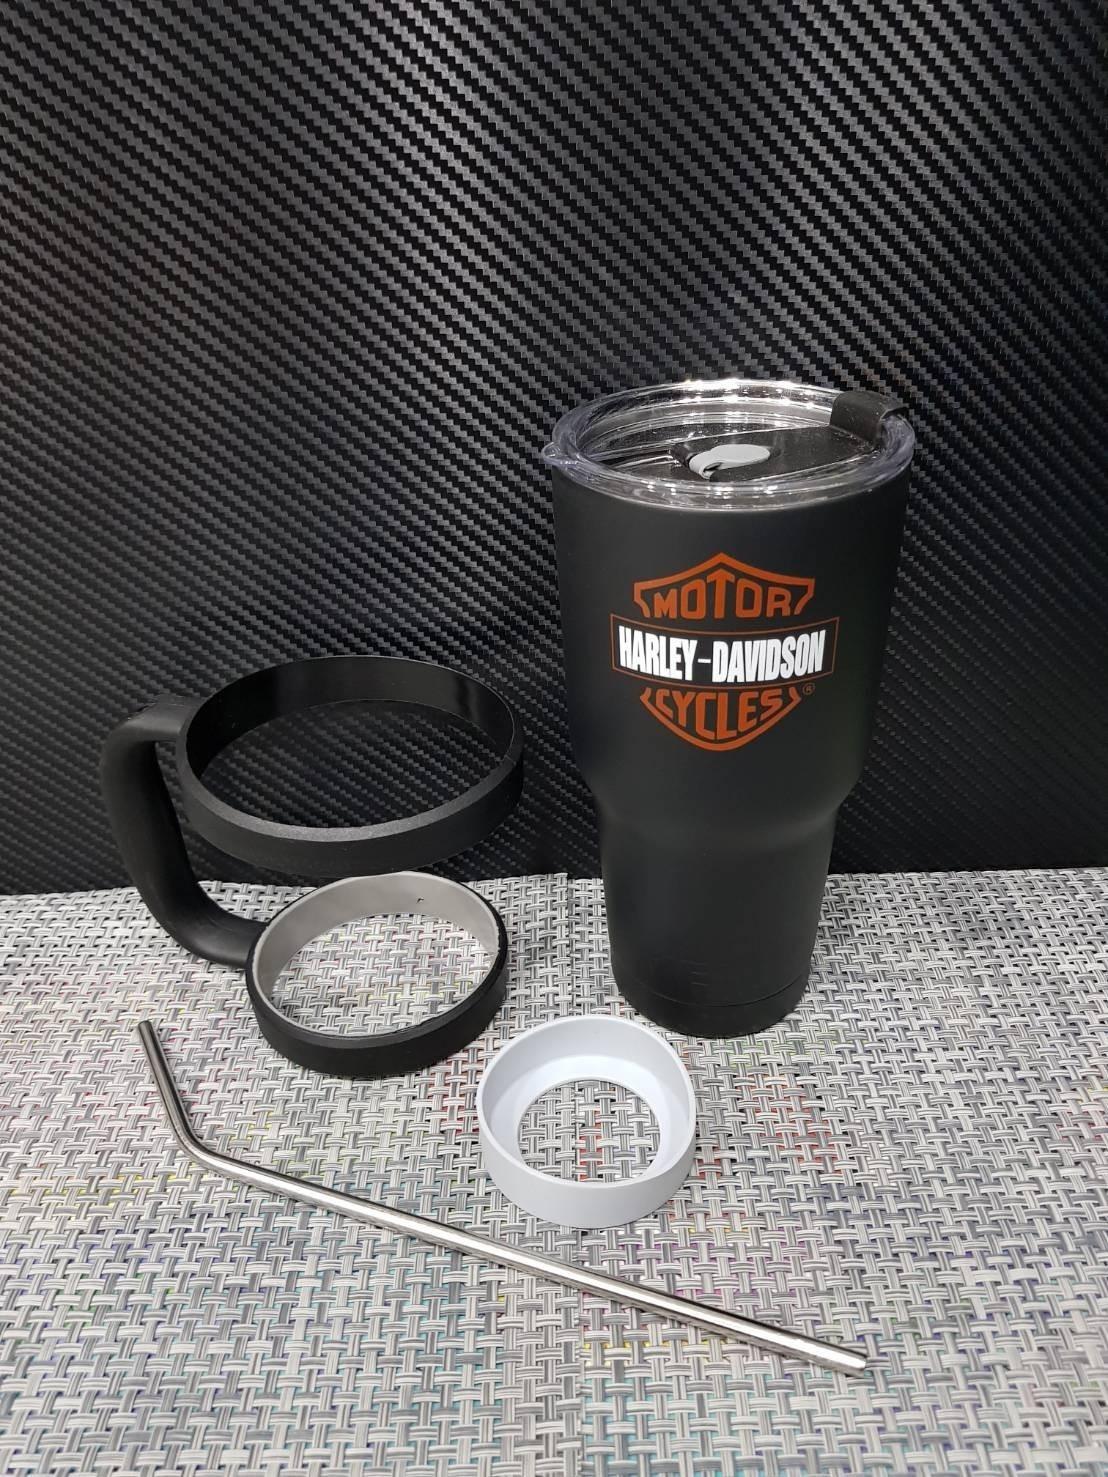 ชุดแก้วเยติ 30 ออนซ์ พื้นสีดำ โลโก้ ฮาร์เล่ย์ สีน้ำตาล